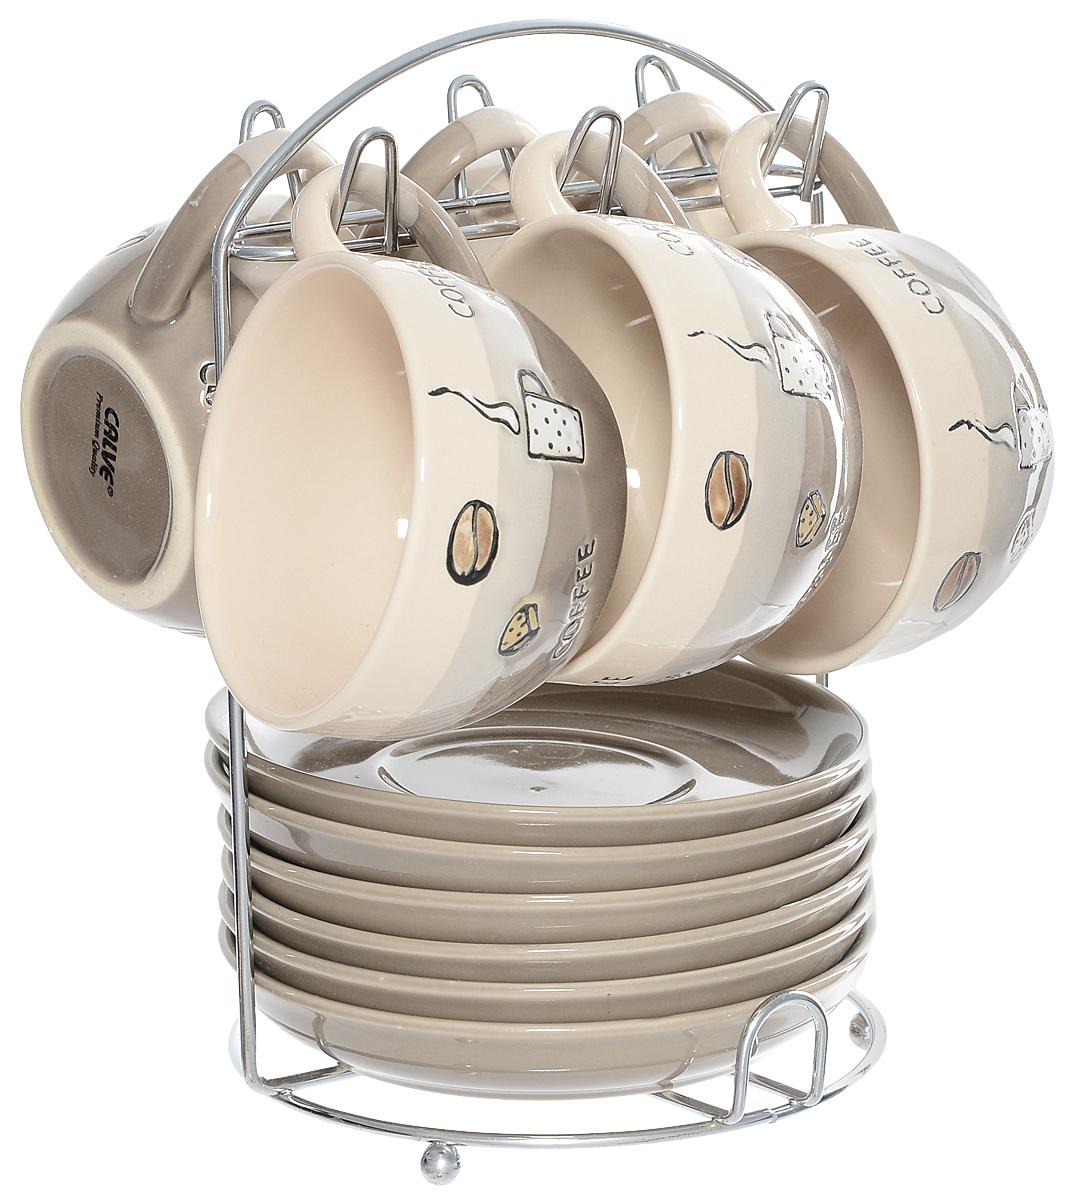 Набор чайный Calve. Кофе, на подставке, 13 предметов115510Набор Calve. Кофе состоит из шести чашек и шести блюдец, изготовленных из высококачественной керамики. Чашки оформлены стильным рисунком и надписями. Изделия расположены на металлической подставке. Такой набор подходит для подачи чая или кофе.Изящный дизайн придется по вкусу и ценителям классики, и тем, кто предпочитает утонченность и изысканность. Он настроит на позитивный лад и подарит хорошее настроение с самого утра. Чайный набор Calve. Кофе - идеальный и необходимый подарок для вашего дома и для ваших друзей в праздники.Можно мыть в посудомоечной машине. Объем чашки: 220 мл. Диаметр чашки (по верхнему краю): 9,5 см. Высота чашки: 6,3 см. Диаметр блюдца: 14,5 см. Высота блюдца: 2,3 см.Размер подставки: 16,5 х 16 х 22,5 см.